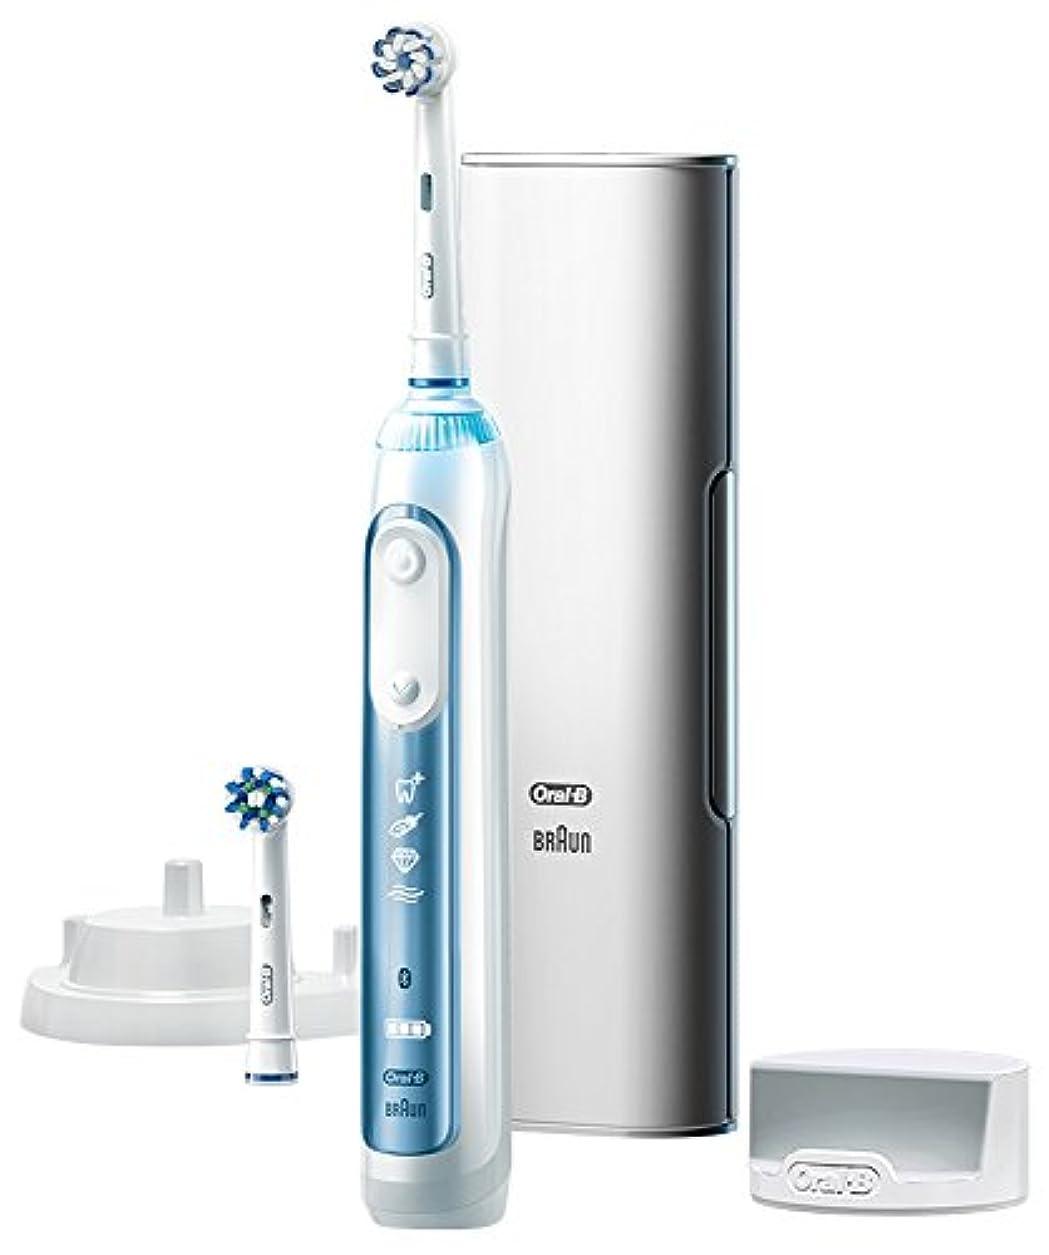 職業呼び起こす重なるブラウン オーラルB 電動歯ブラシ スマート7000 D7005245XP D7005245XP